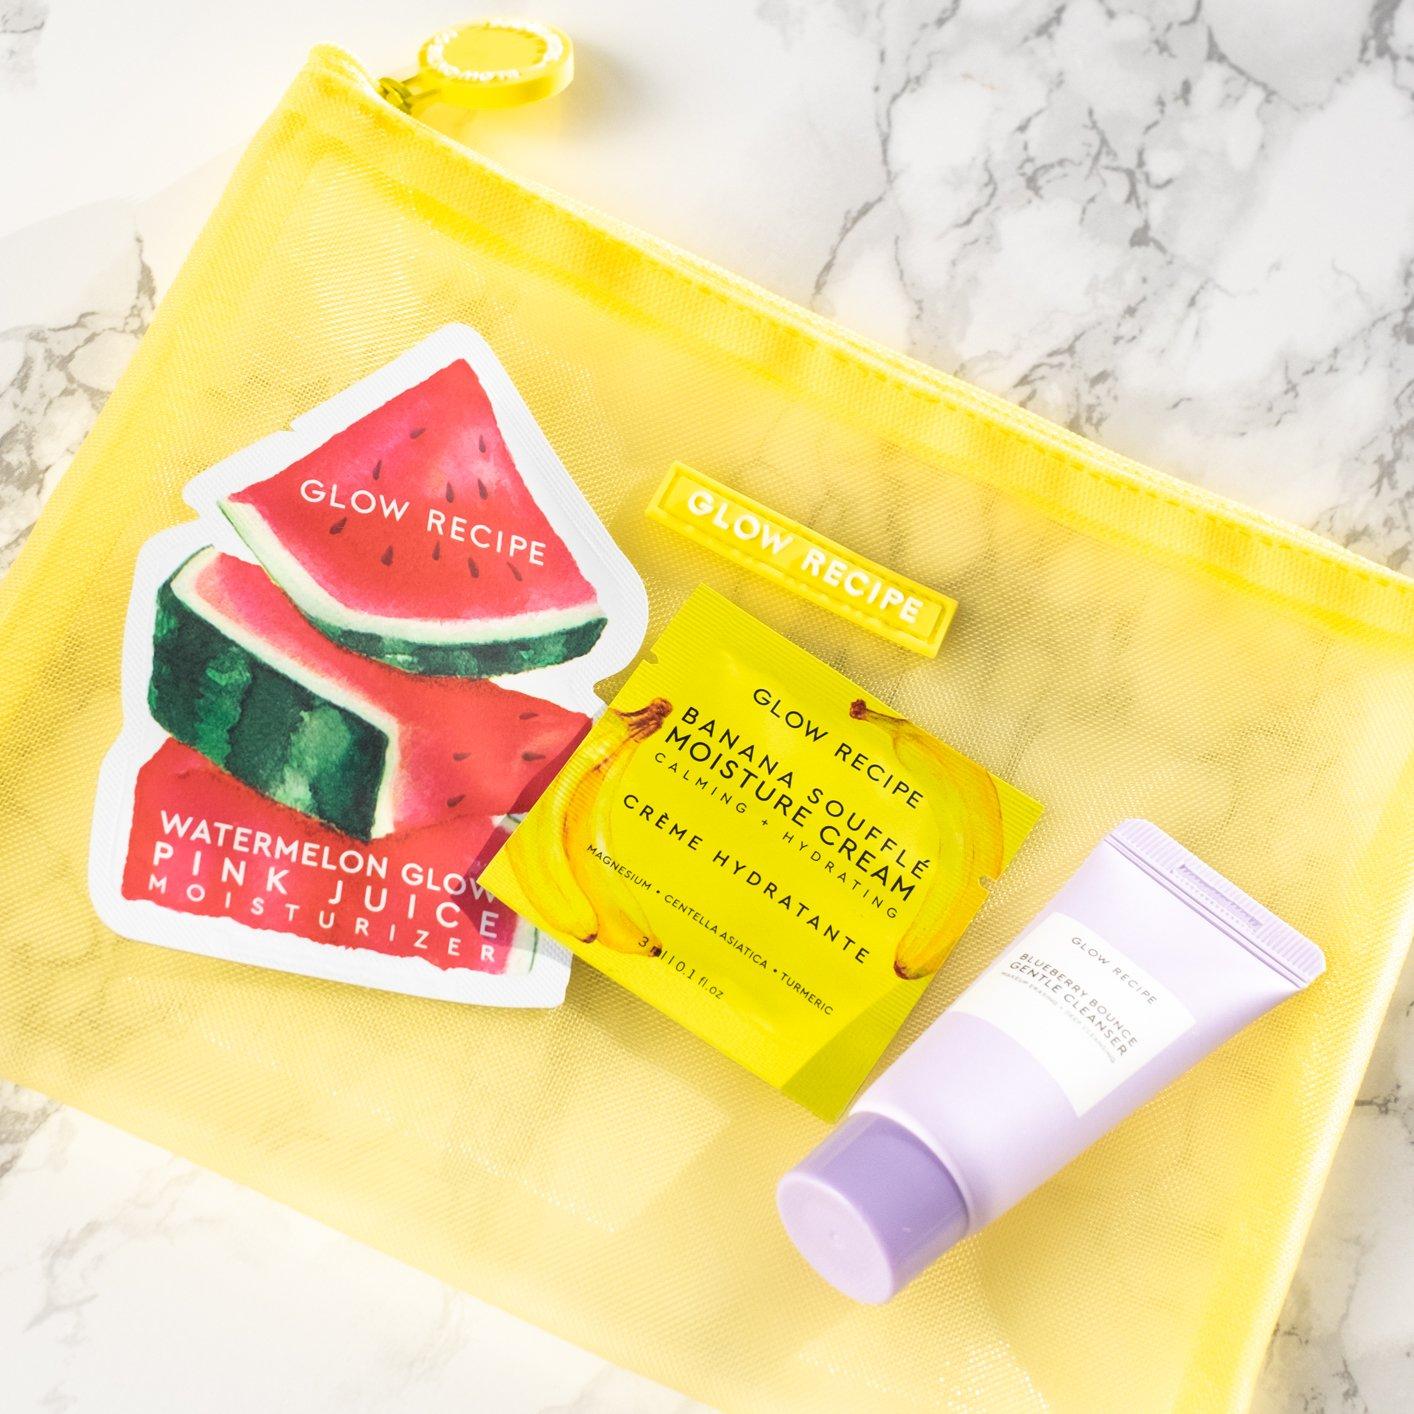 Glow Recipe Skincare Samples